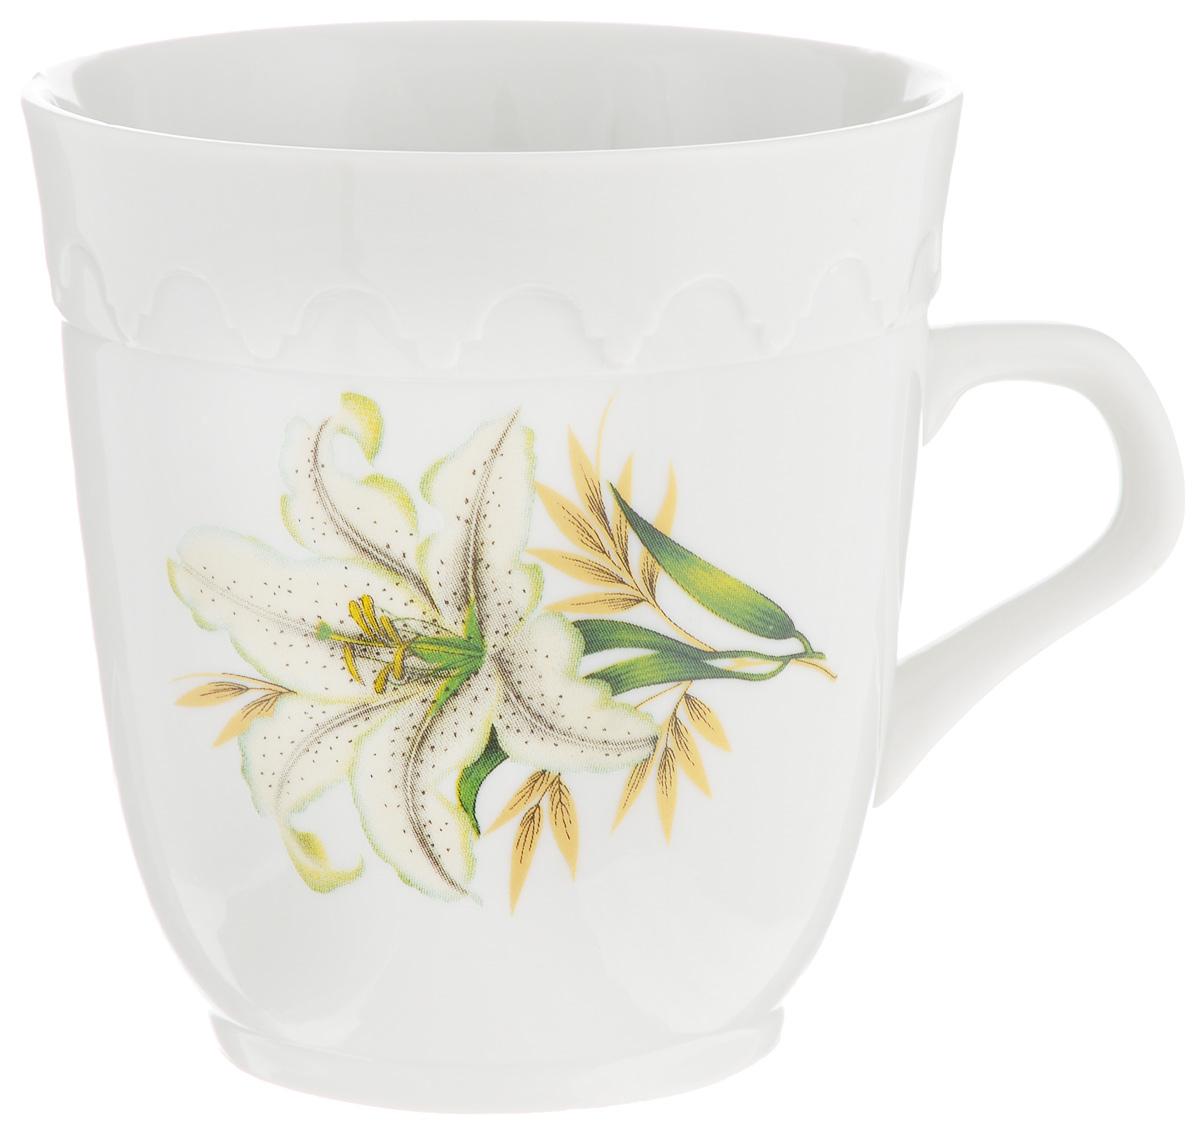 Кружка Фарфор Вербилок Арабеска. Белая лилия, 250 мл24321980Кружка Фарфор Вербилок Арабеска. Белая лилия способна скрасить любое чаепитие. Изделие выполнено из высококачественного фарфора. Посуда из такого материала позволяет сохранить истинный вкус напитка, а также помогает ему дольше оставаться теплым.Диаметр по верхнему краю: 8,3 см.Высота кружки: 9 см.